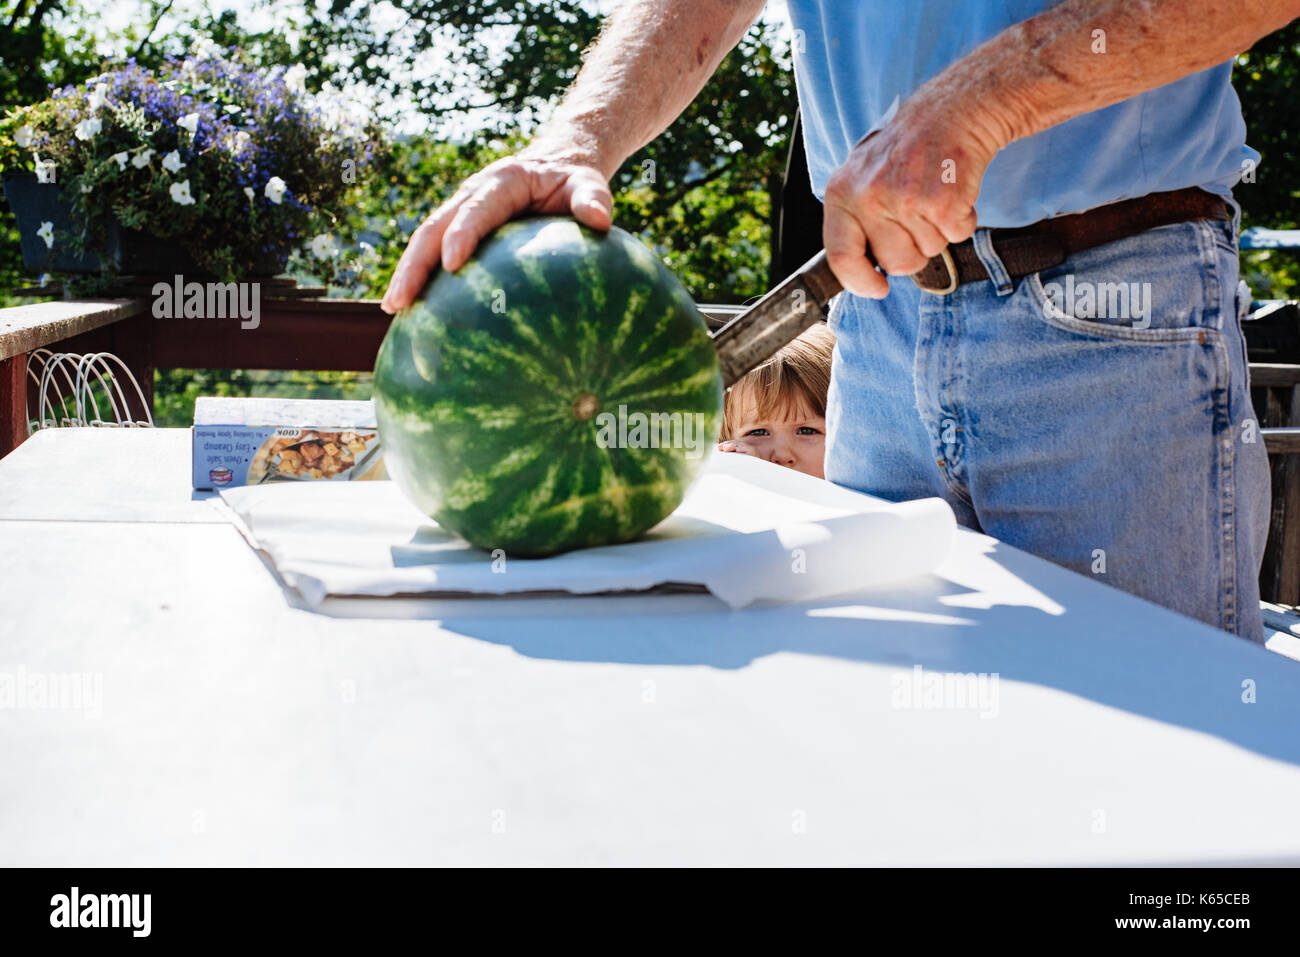 Ein Mann schneidet eine Wassermelone, während ein Kleinkind Uhren. Stockbild